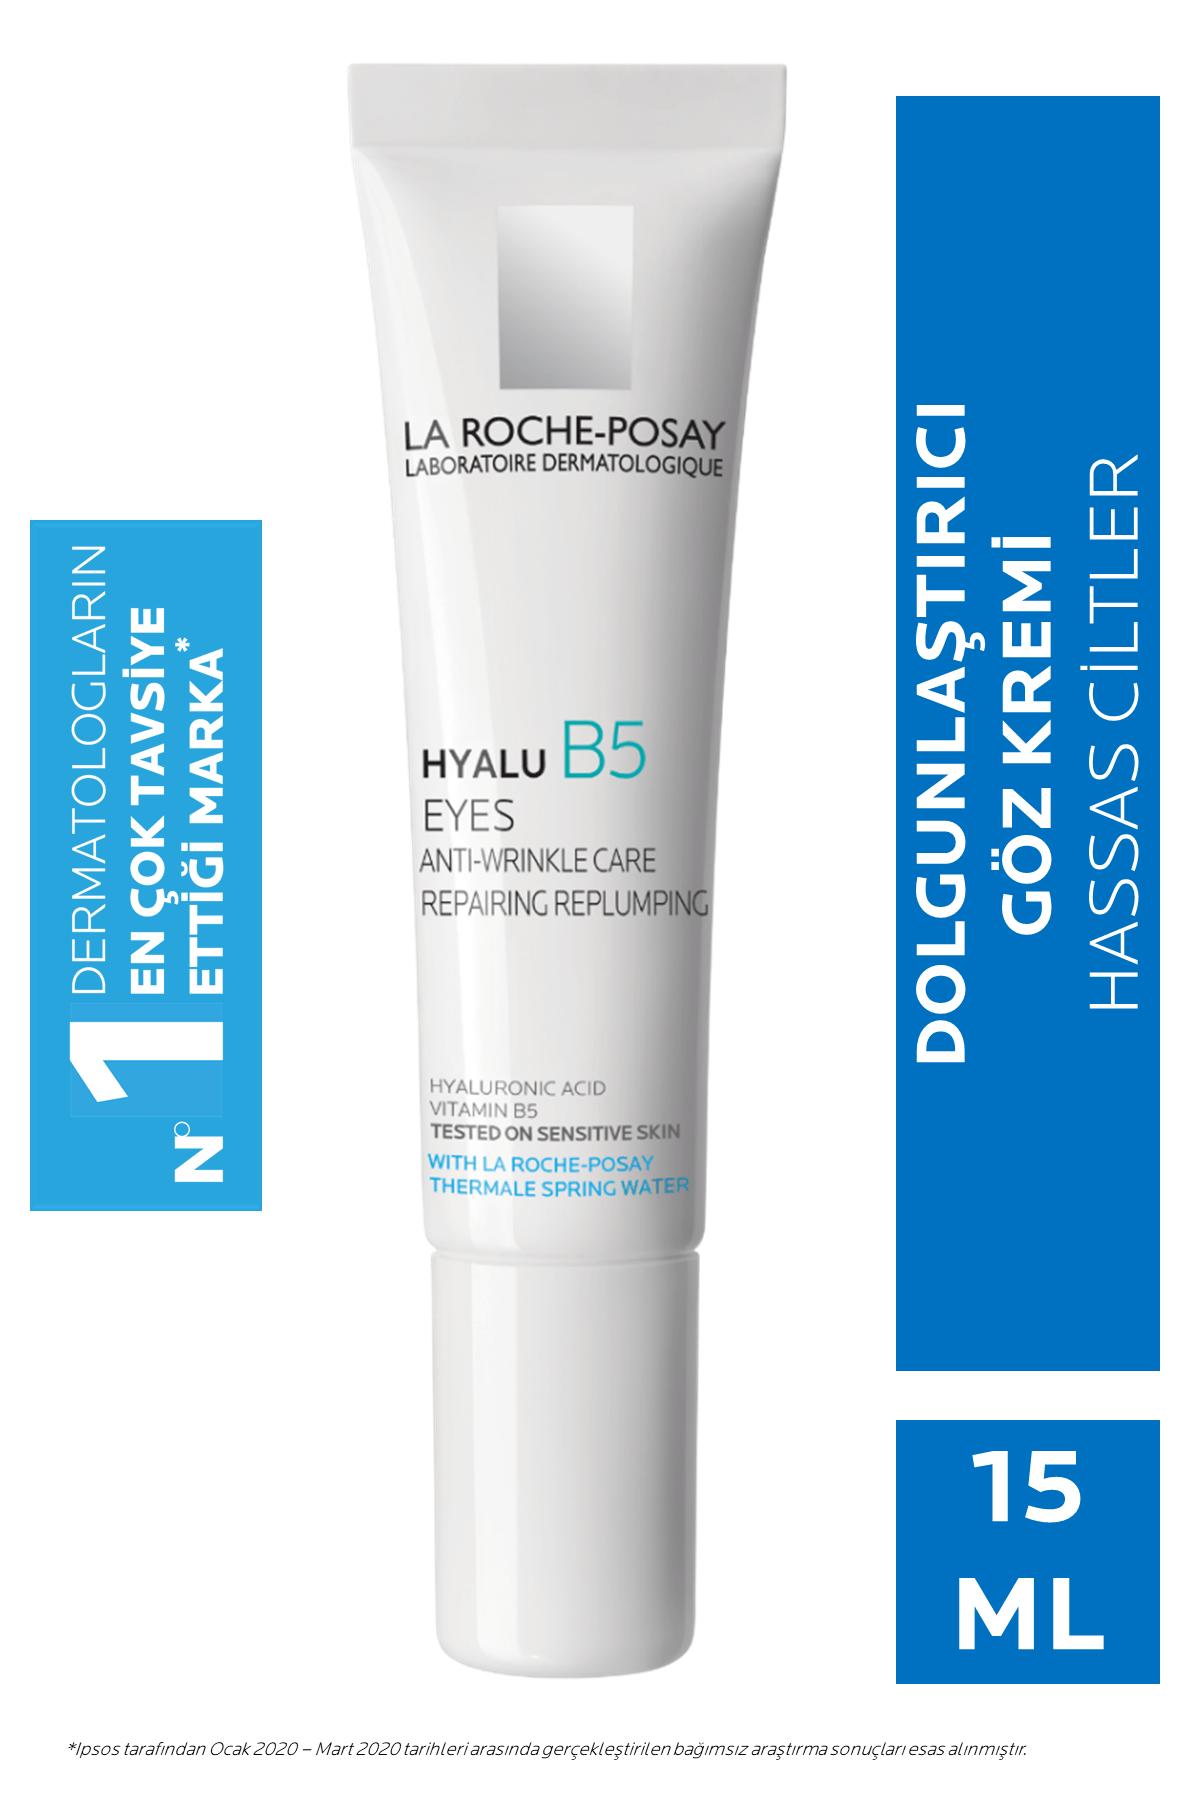 La Roche Posay Hyalu B5 Yeux Dolgunlaştırıcı Göz Kremi Hyalüronik Asit ve Vitamin B5 ile 15 ml 3337875613668 0